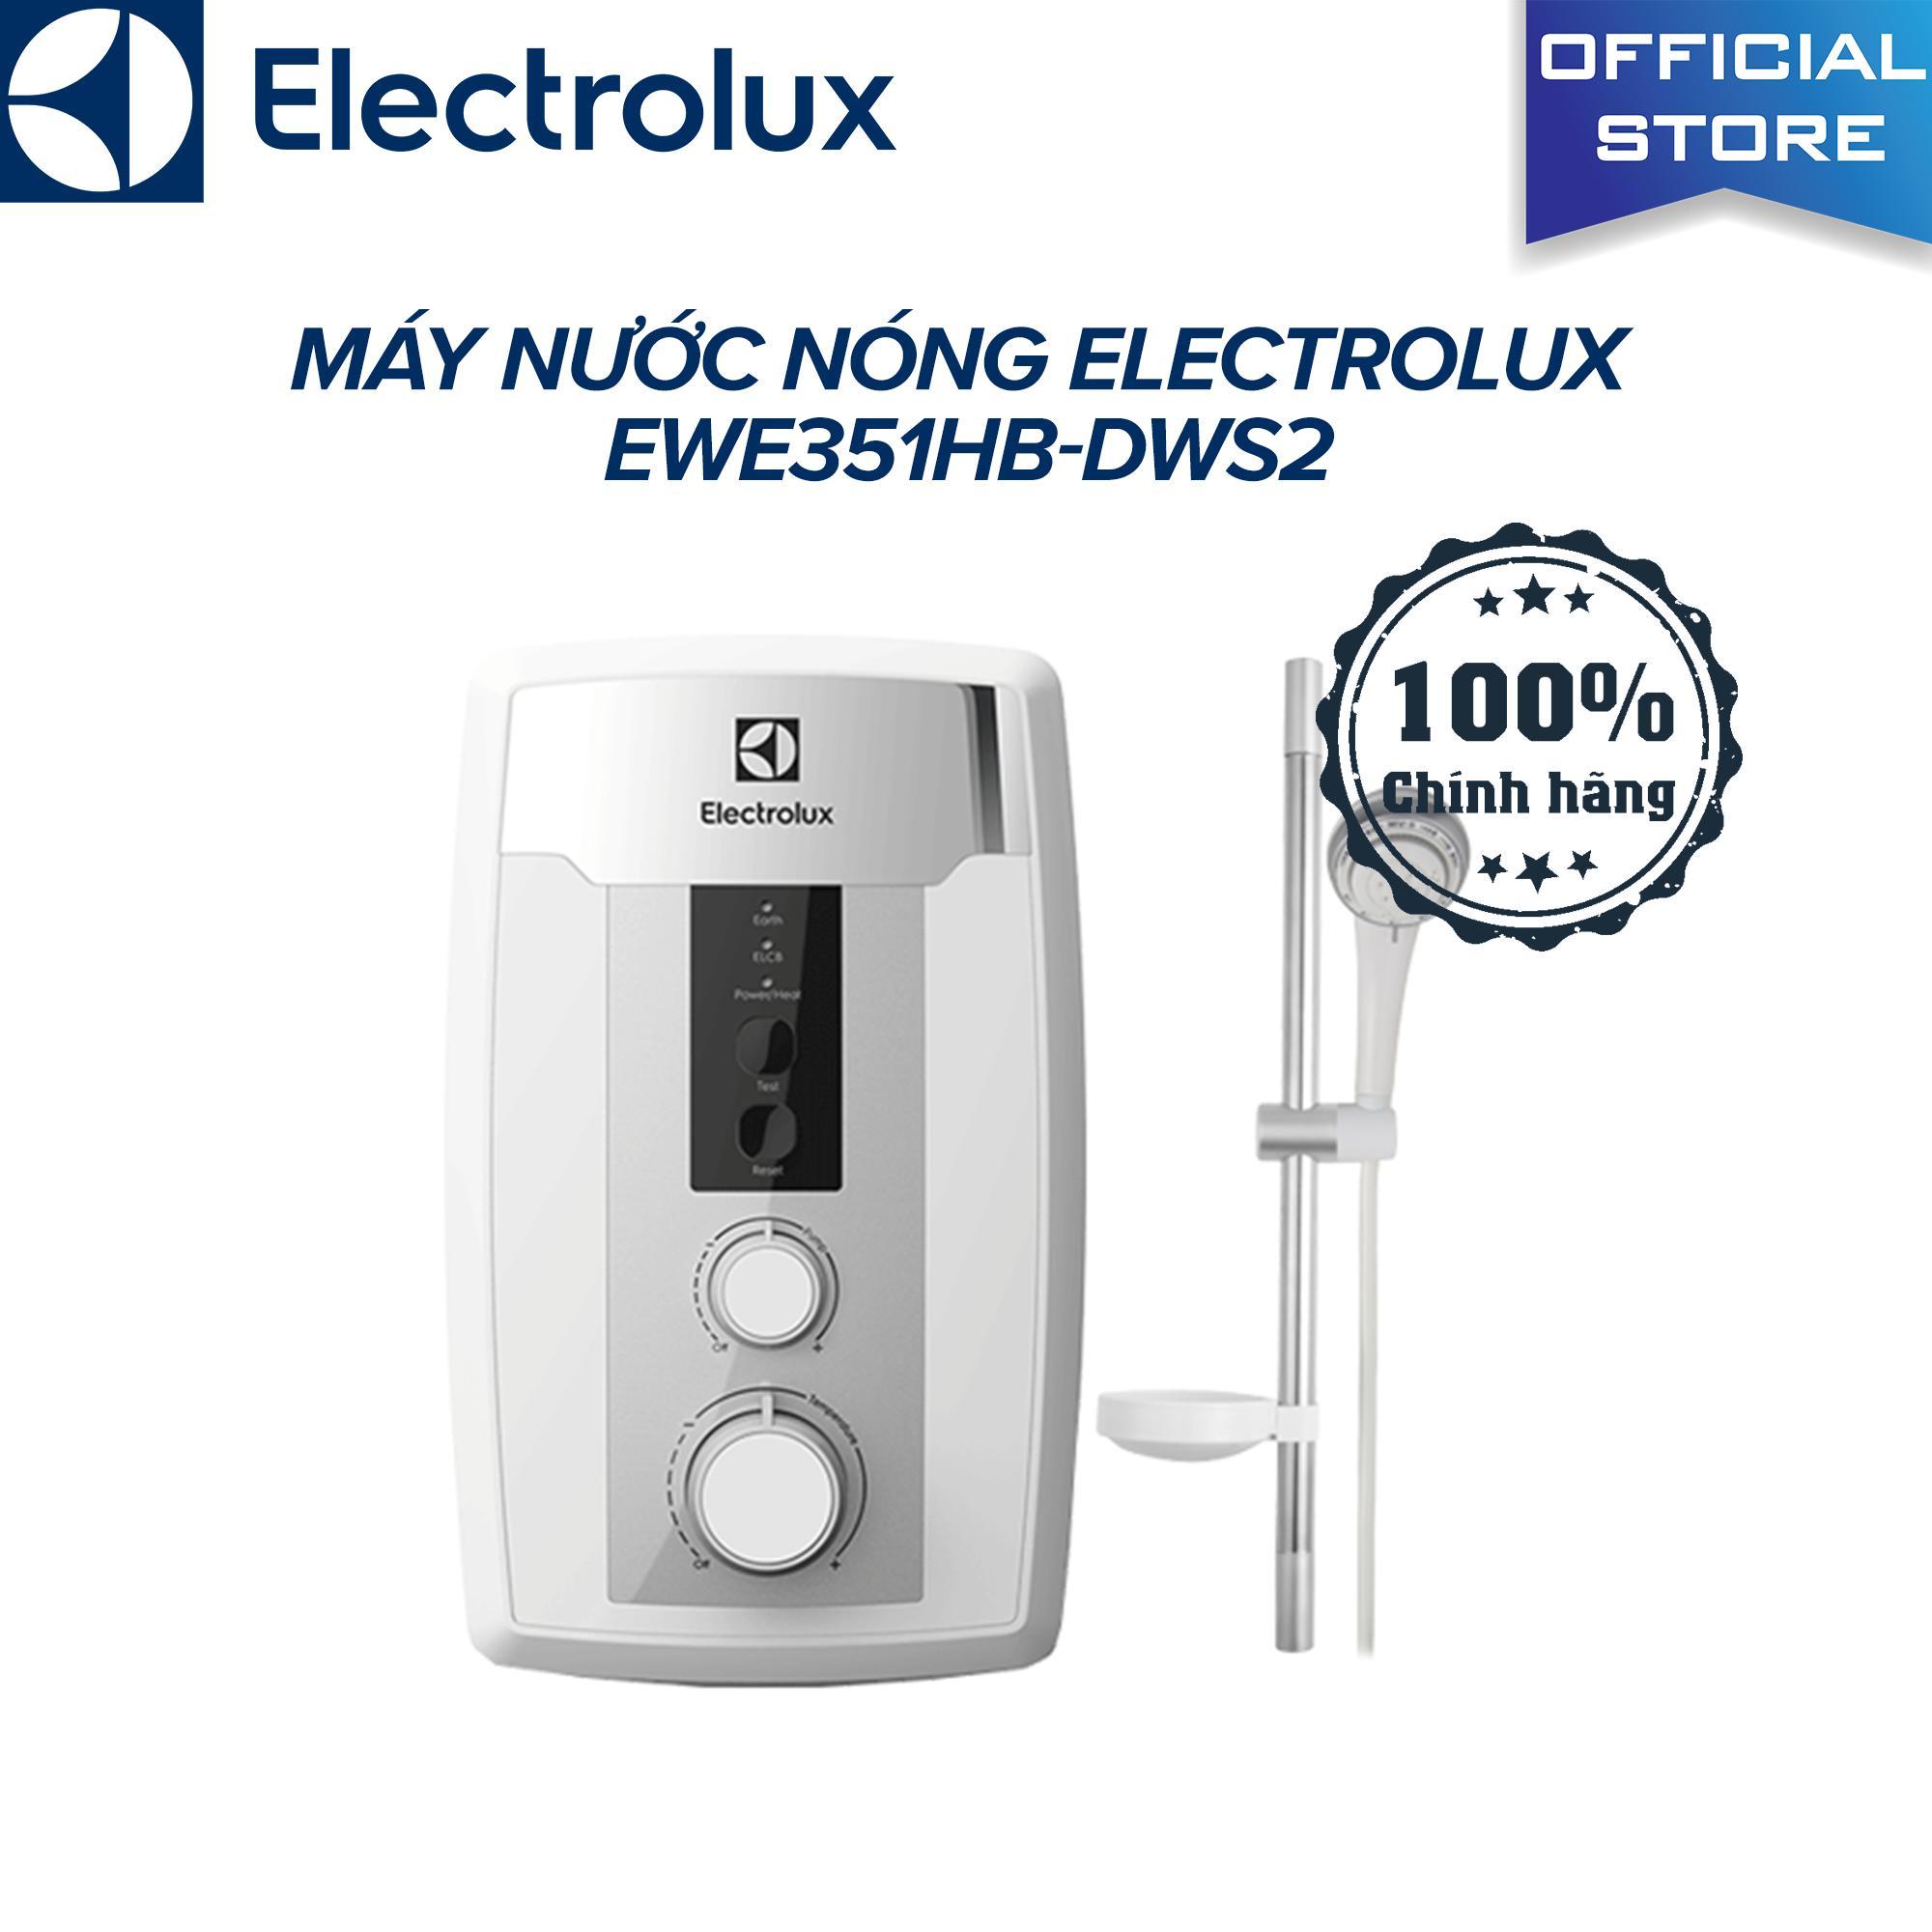 Bảng giá Máy nước nóng trực tiếp Electrolux EWE351HB-DWS2